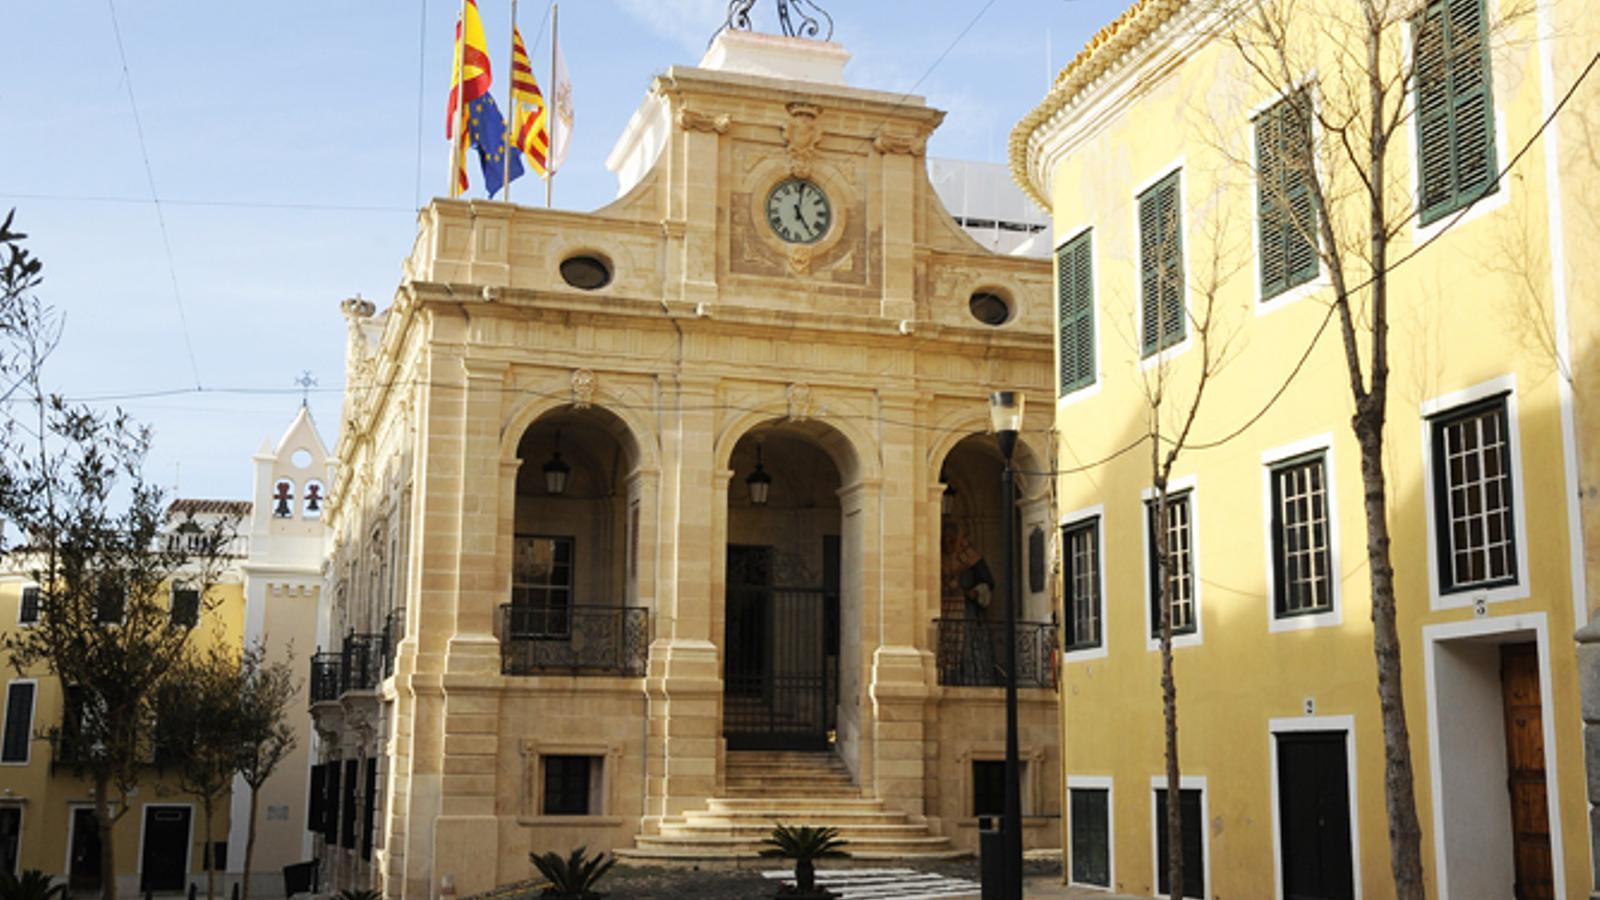 L'Ajuntament de Maó viurà el pròxim dijous un intens ple amb la retirada del reconeixement a Franco damunt la taula.